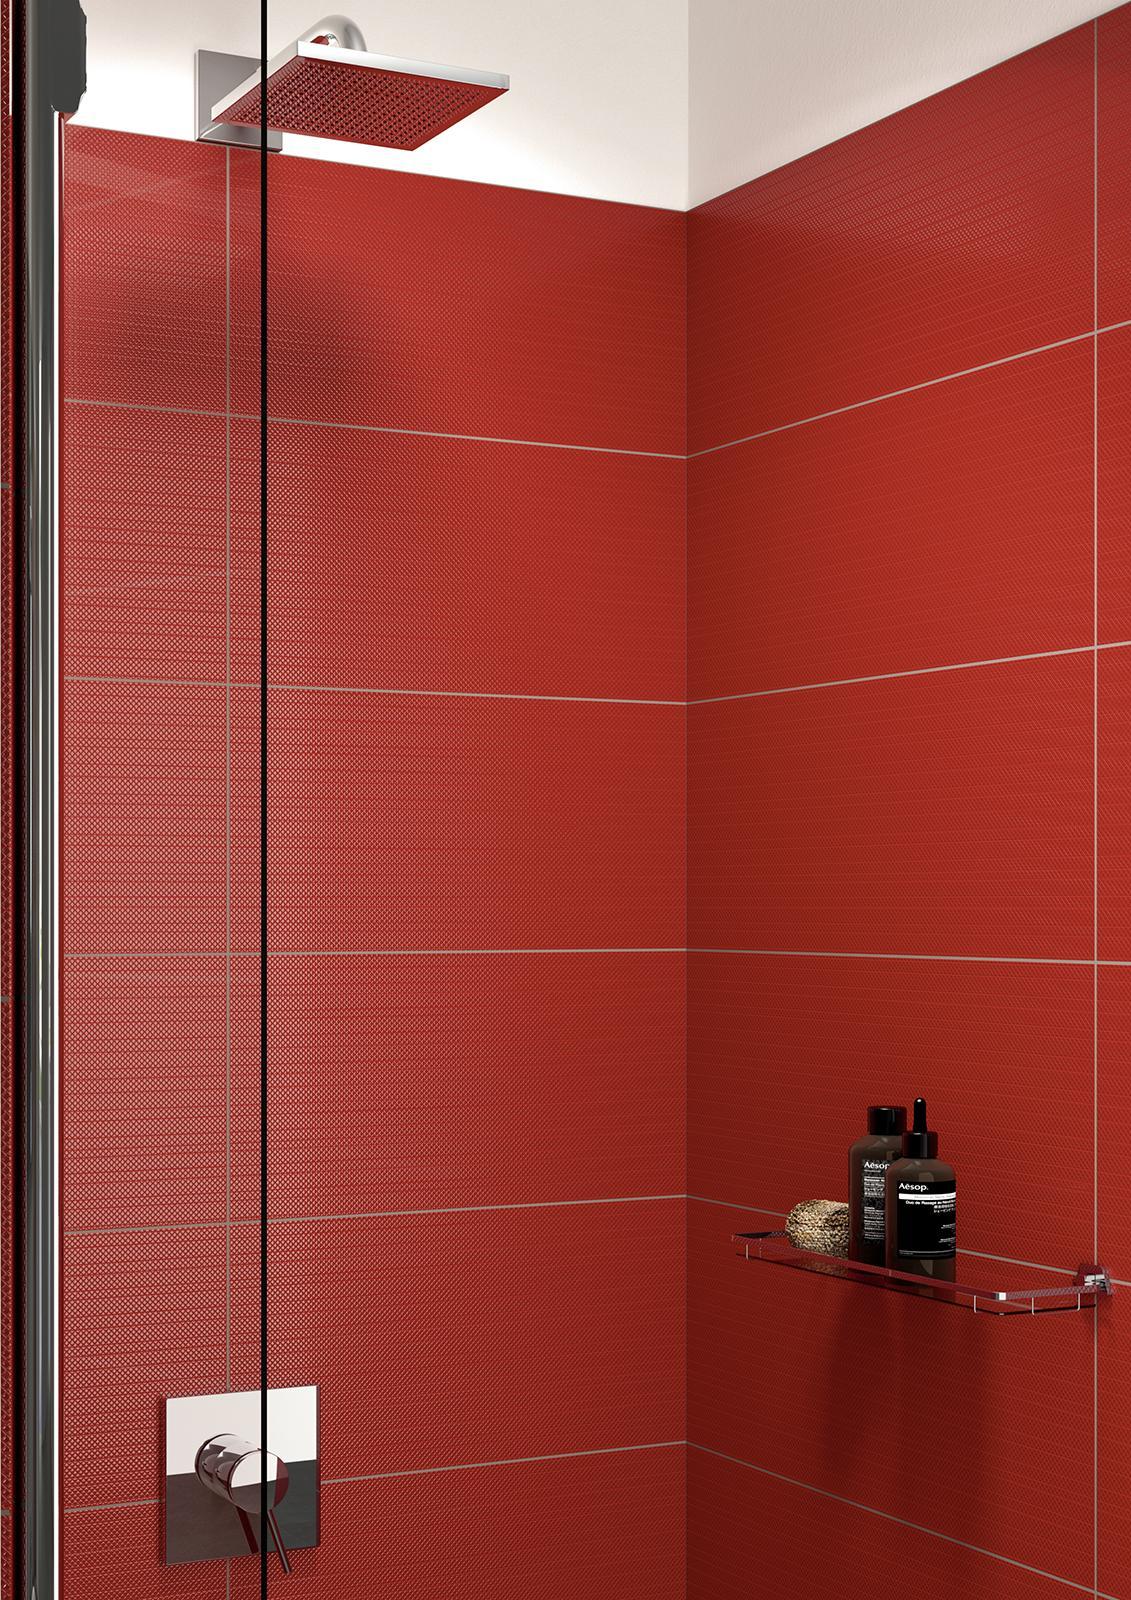 Carrelage rouge voir les collections marazzi - Piastrelle bagno rosse ...